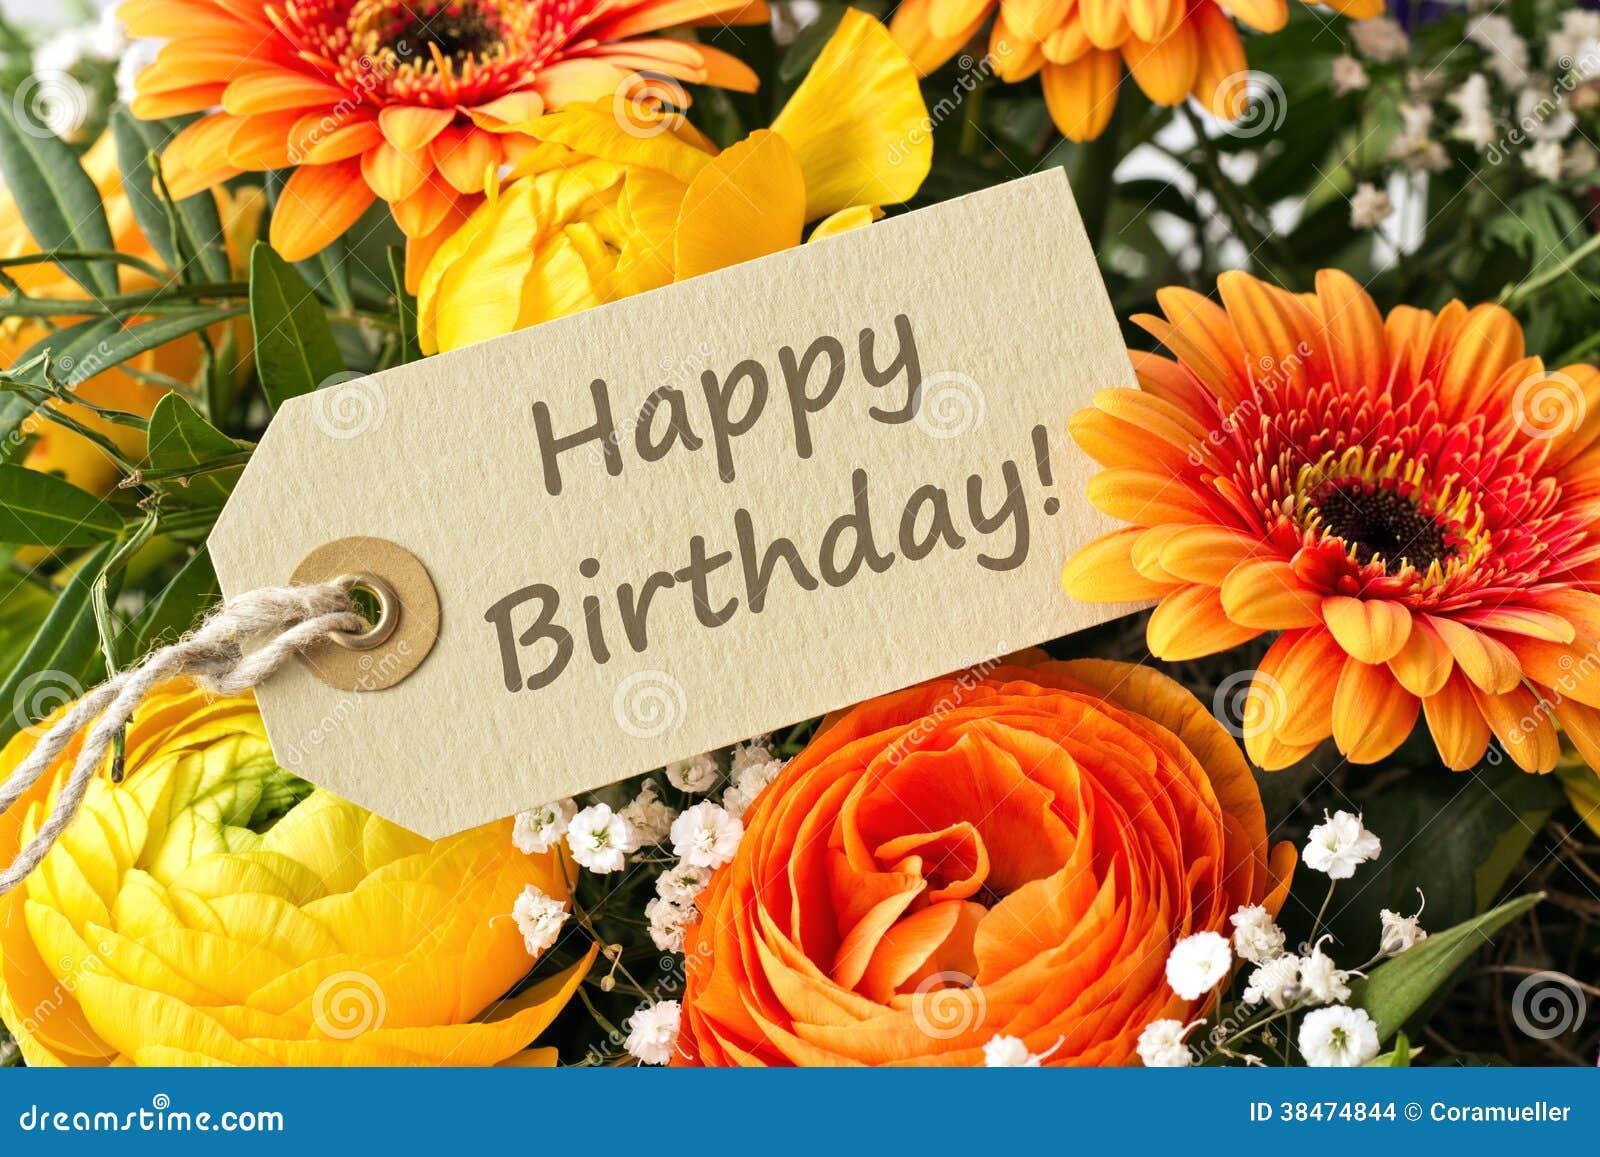 Favorito Buon compleanno fotografia stock. Immagine di fiori, felice - 38474844 RP69